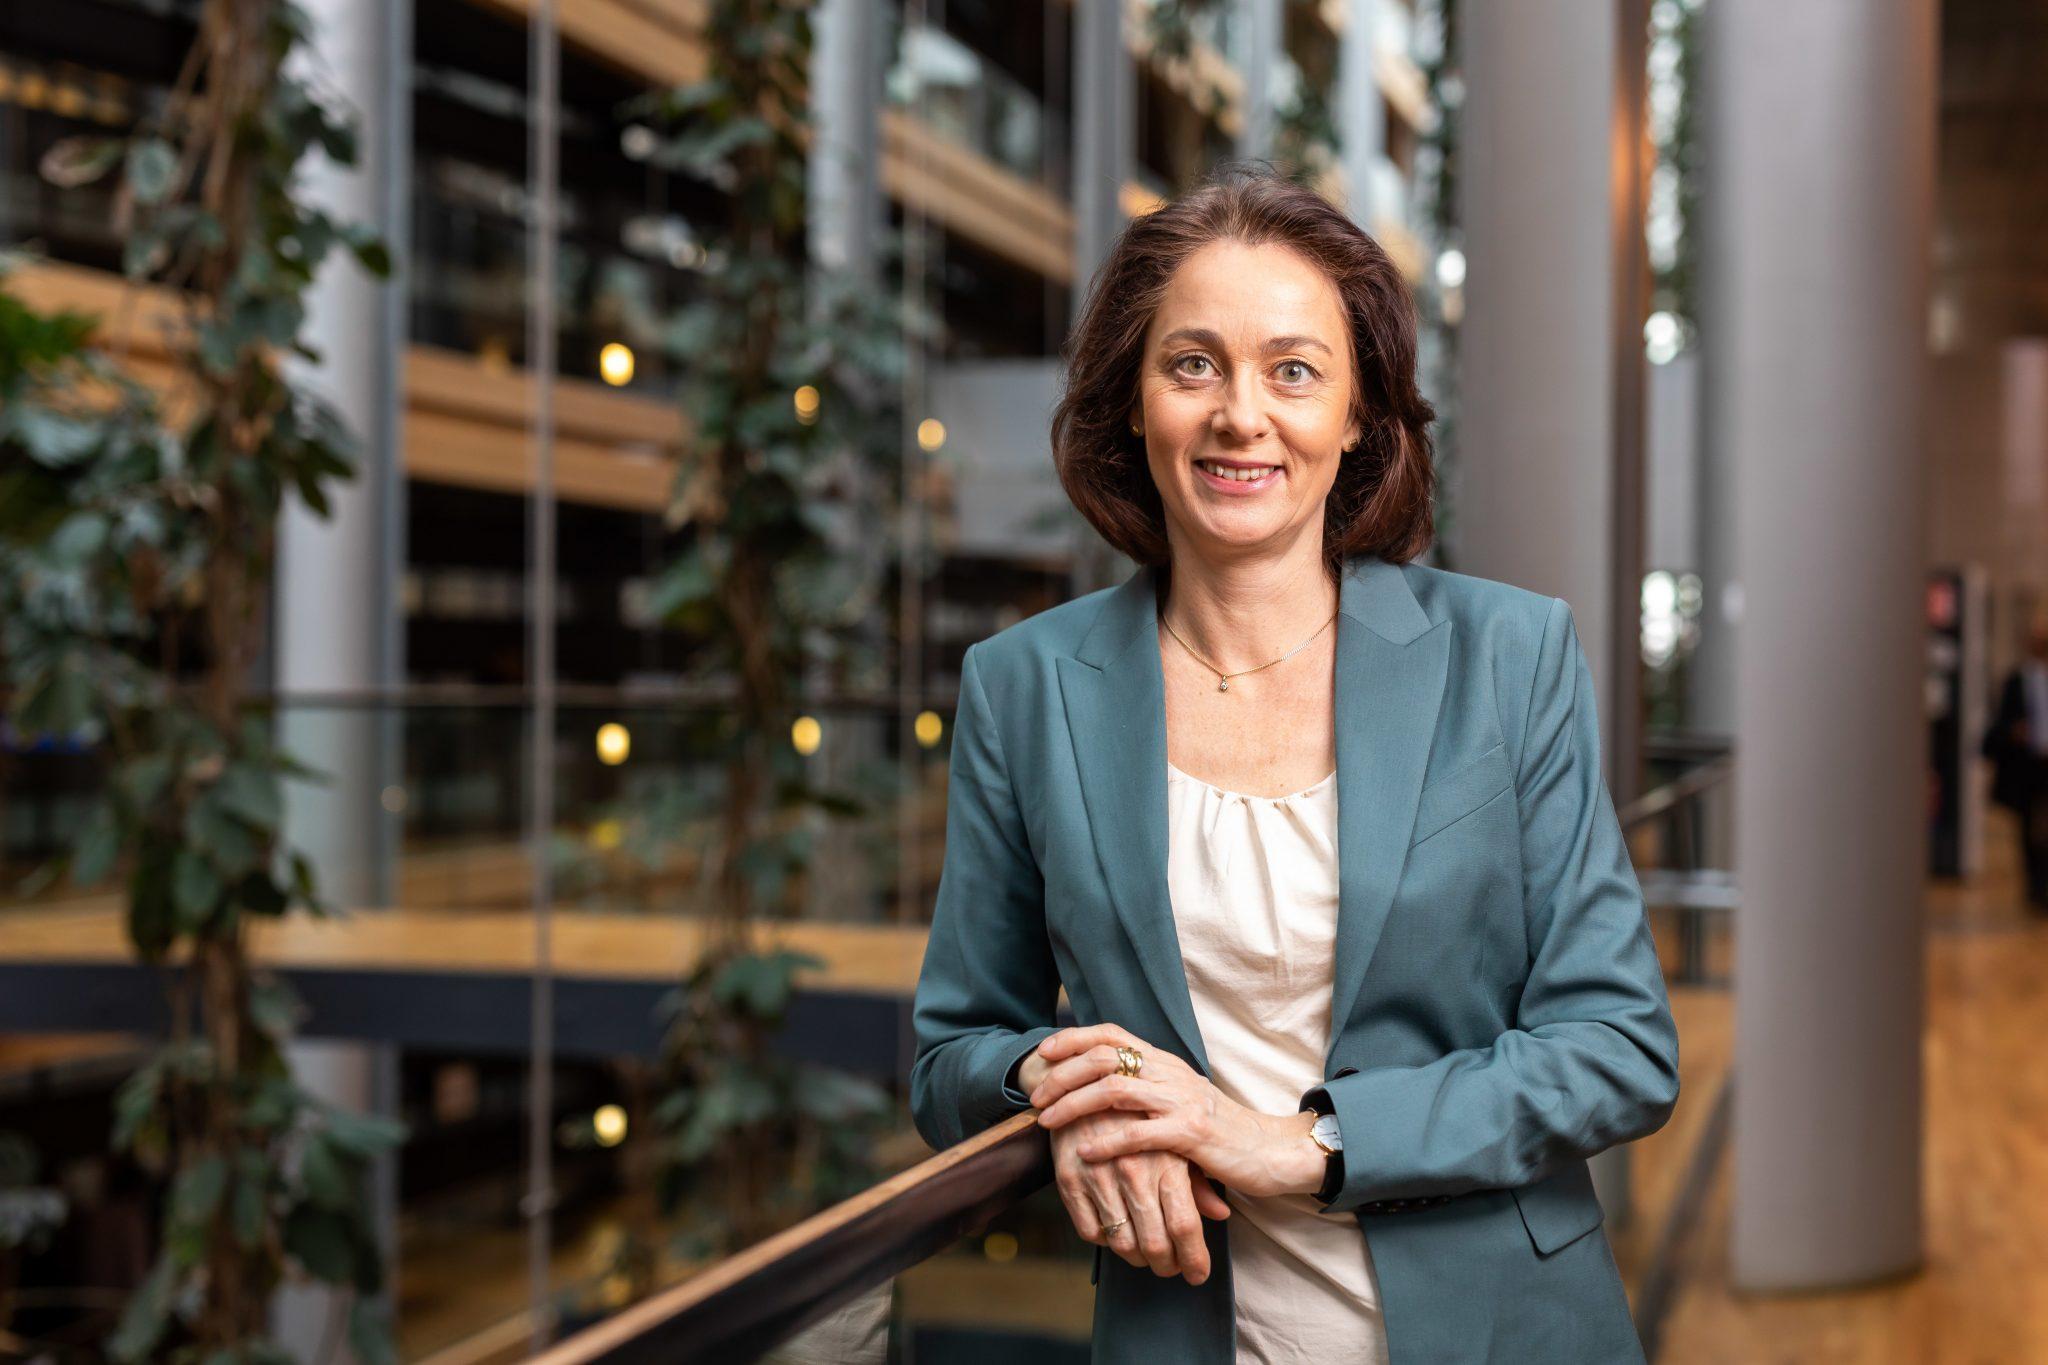 Die EU-Abgeordnete Katarina Barley (SPD) will eine härtere Gangart der EU gegen Ungarn und Polen Foto: picture alliance/Philipp von Ditfurth/dpa